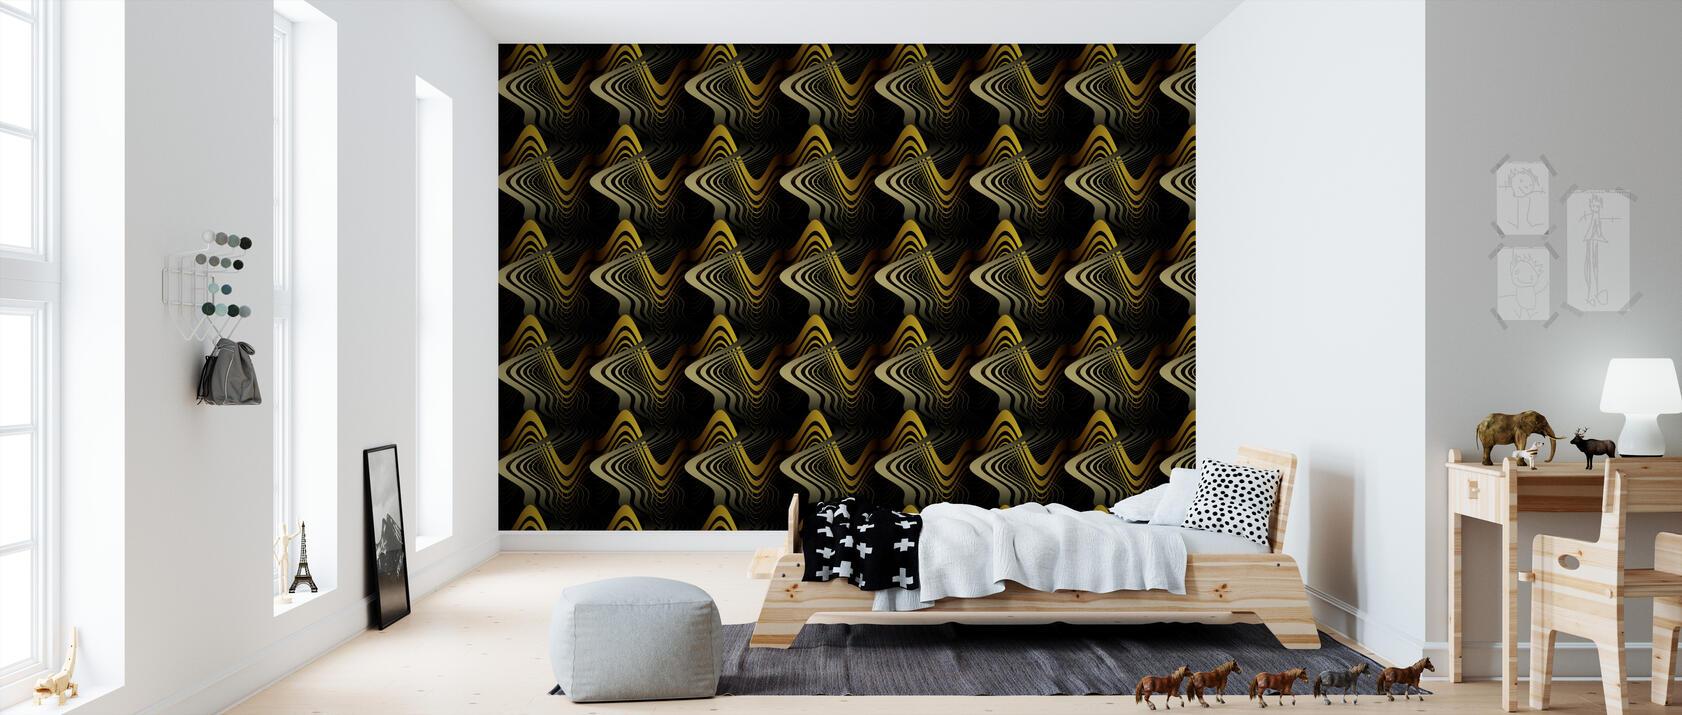 akka black eine tapete f r jeden raum und jedes ambiente photowall. Black Bedroom Furniture Sets. Home Design Ideas